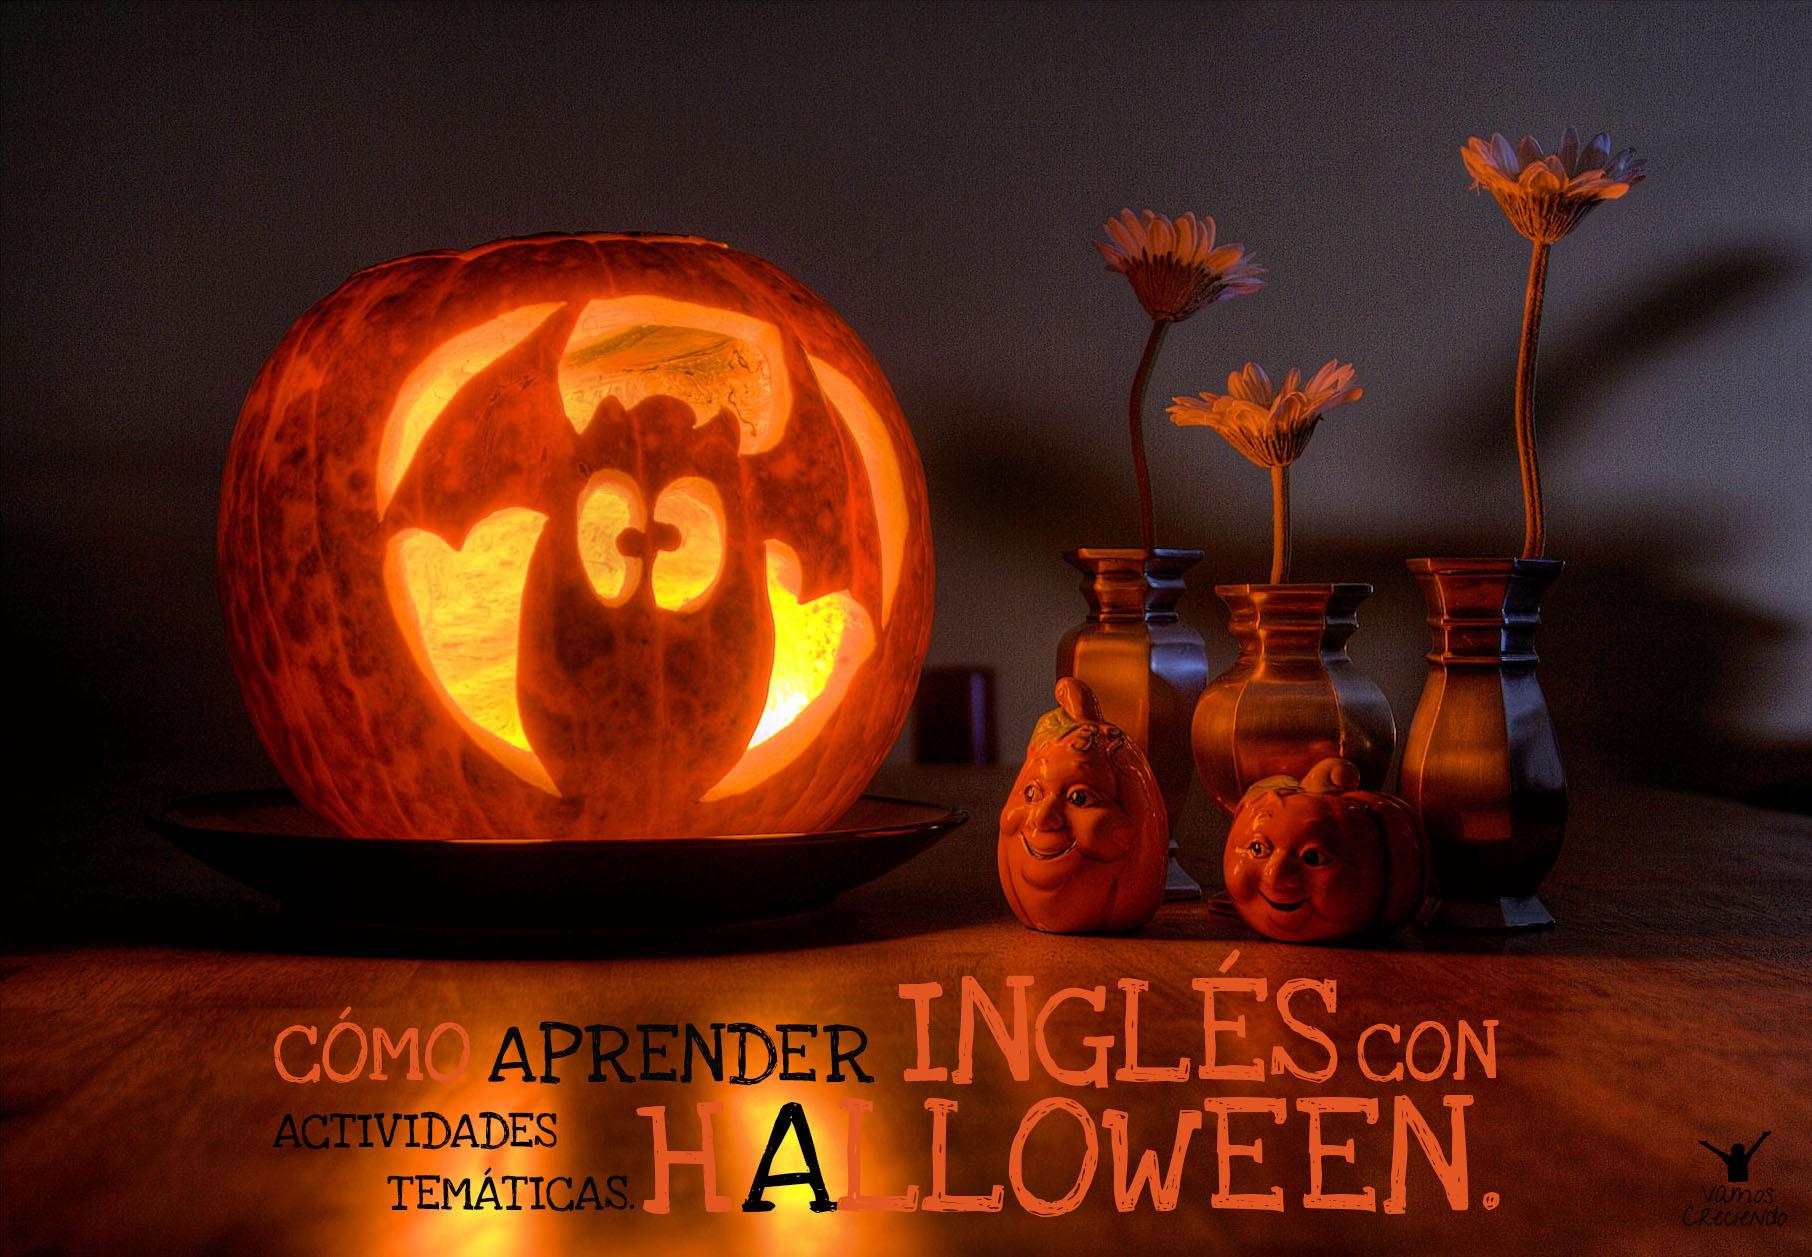 Halloween Kurbis Auf Englisch.Wie Man Englisch Mit Thematischen Aktivitaten Lernen Halloween Lassen Creciendovamos Wachsende